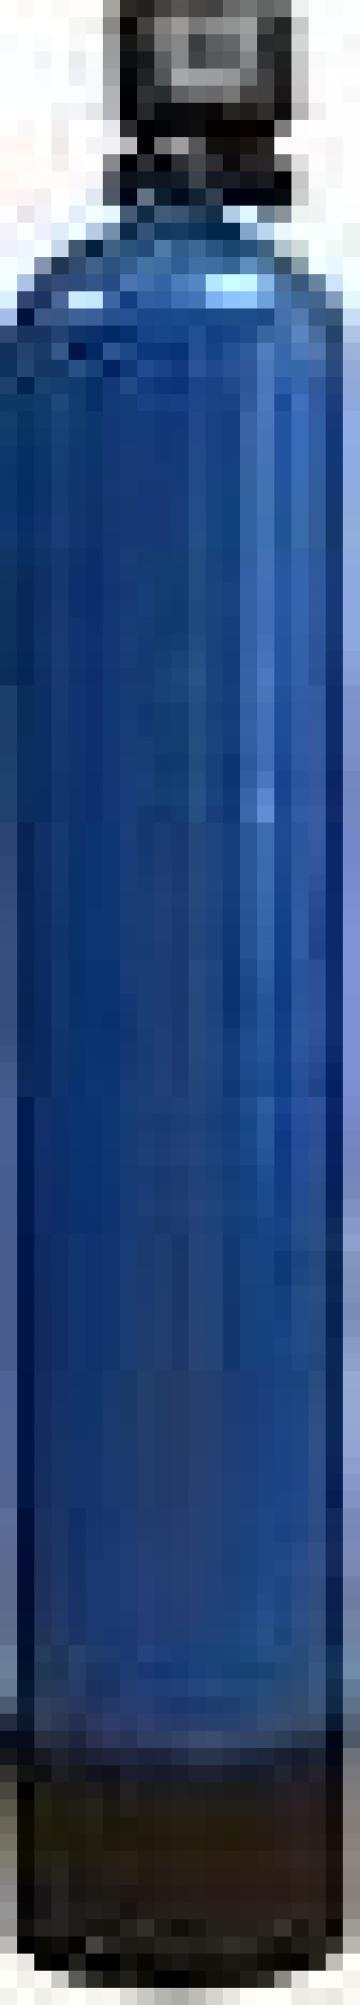 Filtru impuritati autocuratare multimedia